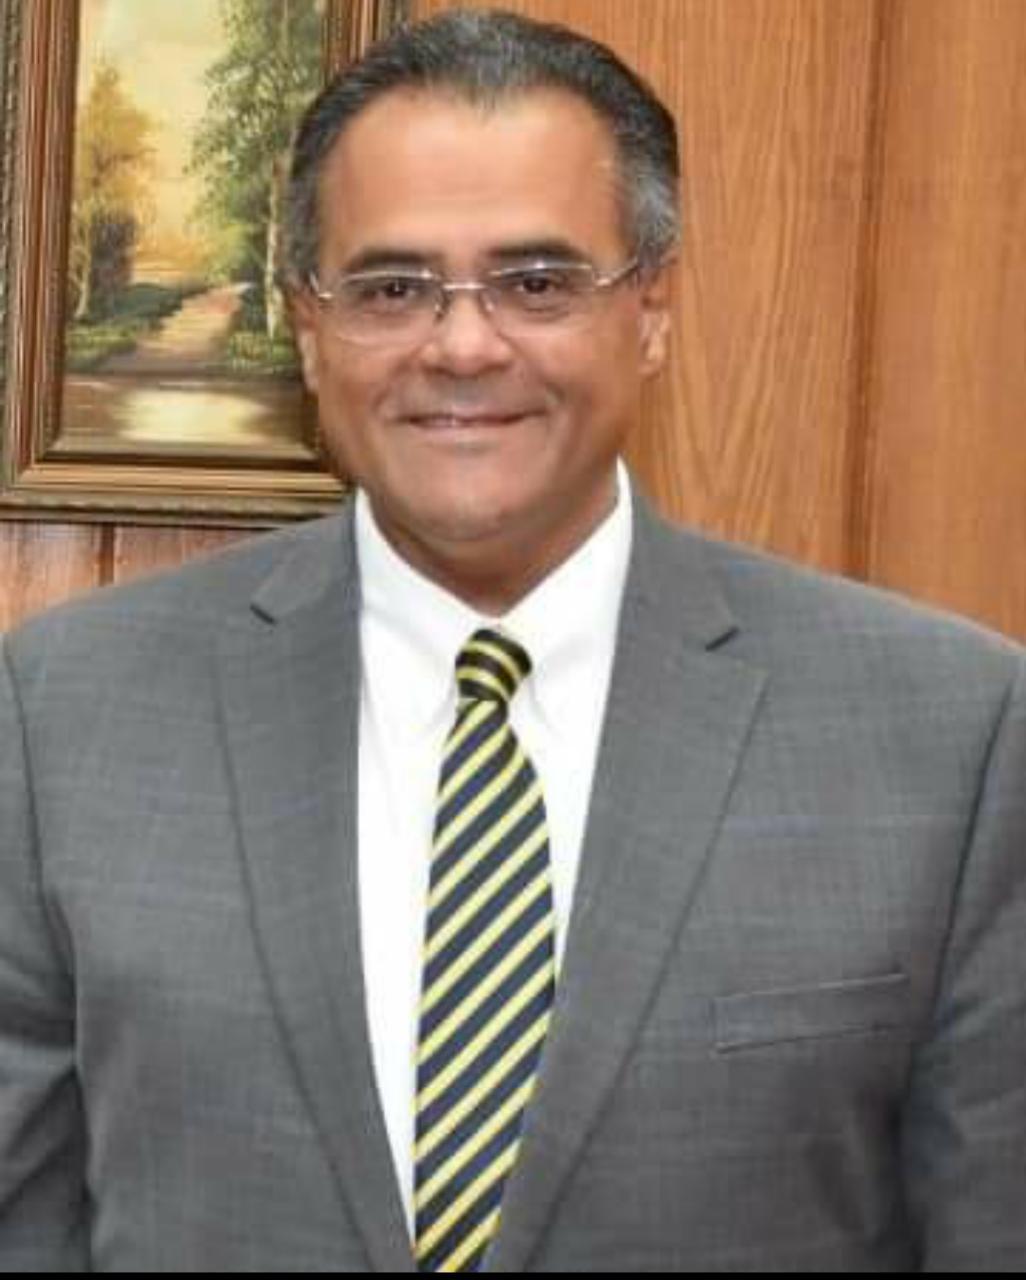 نائب رئيس جامعة عين شمس يشارك بالتدريس في الدورة العالمية لجراحة العمود الفقري